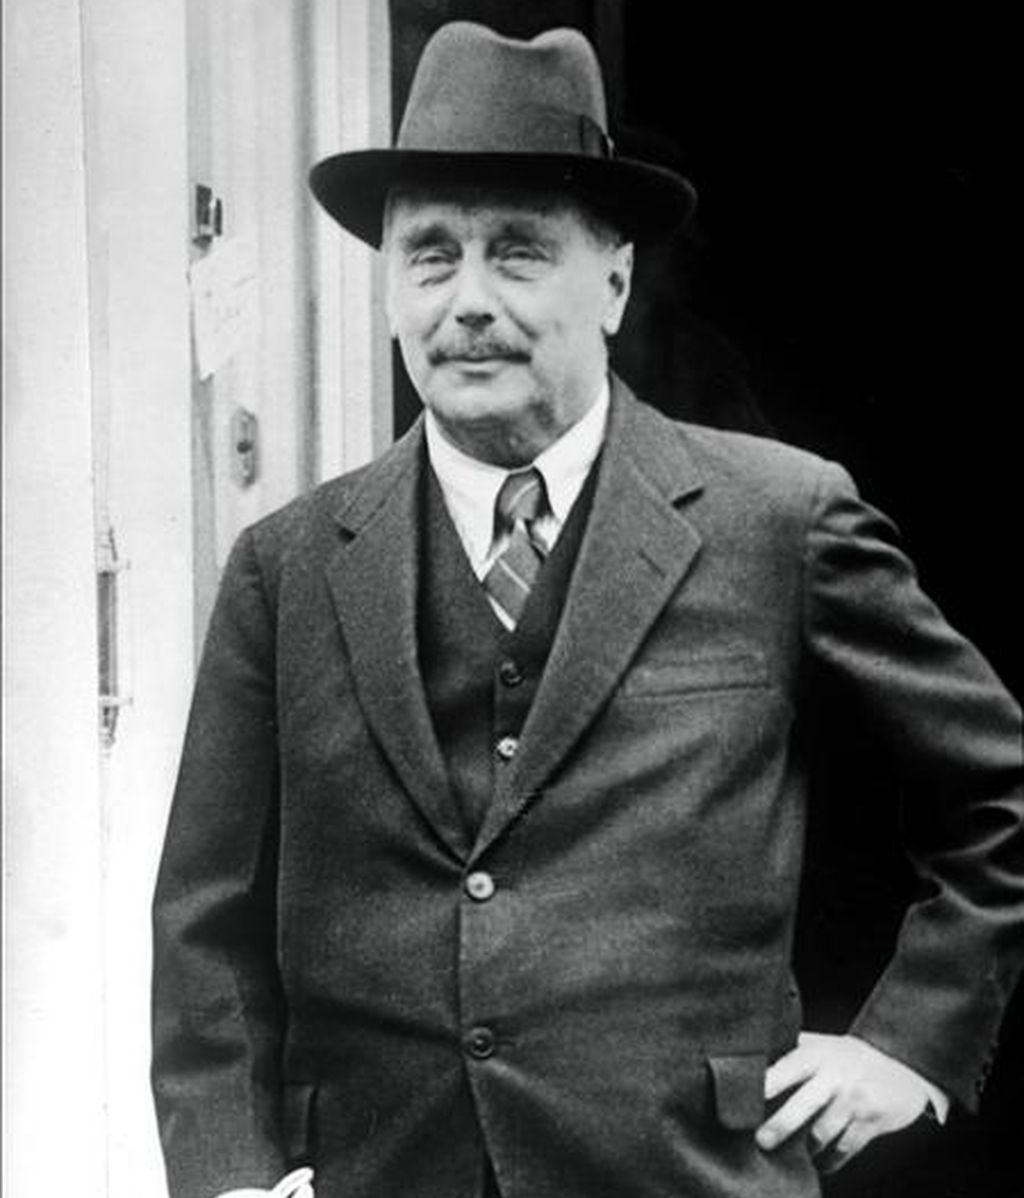 Retrato del escritor y sociólogo inglés Herbert George Wells (1866-1946), precursor de la literatura de ciencia-ficción. (Foto sin fecha). EFE/Archivo